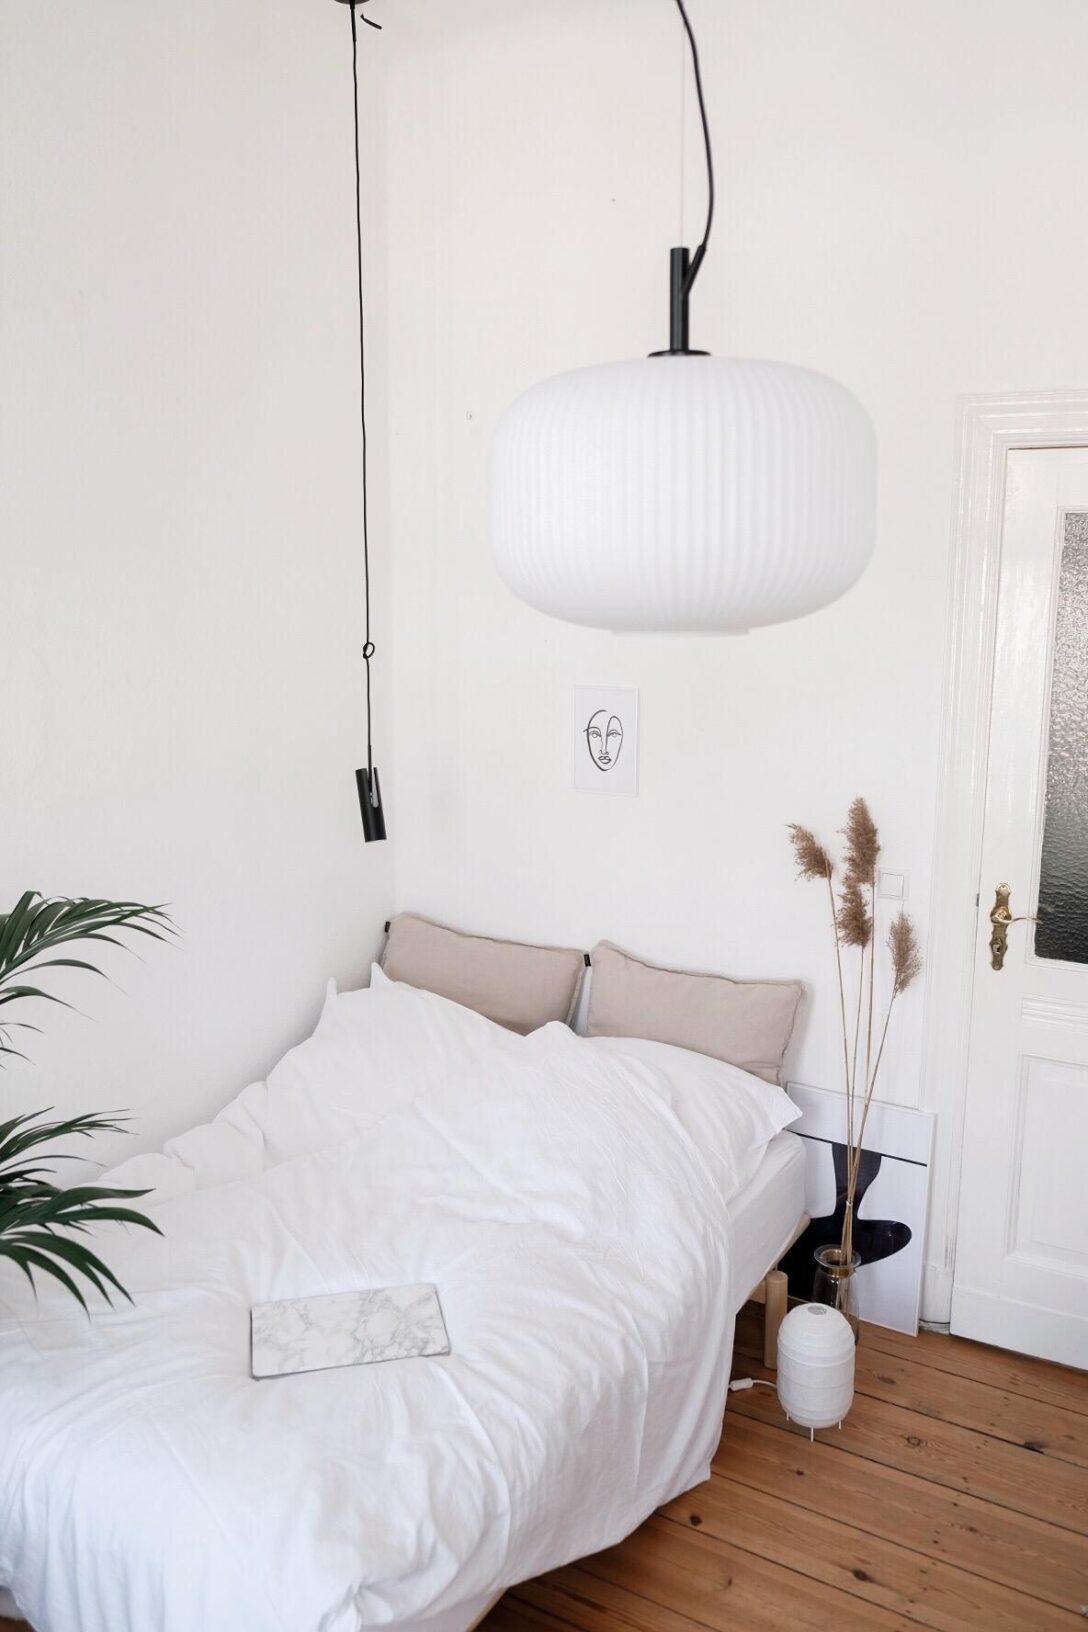 Large Size of Schlafzimmer Deckenleuchten Led Design Obi Moderne Deckenleuchte Modern Dimmbar Ikea Amazon Designer Tipps Und Wohnideen Aus Der Community Tapeten Rauch Wohnzimmer Schlafzimmer Deckenleuchten